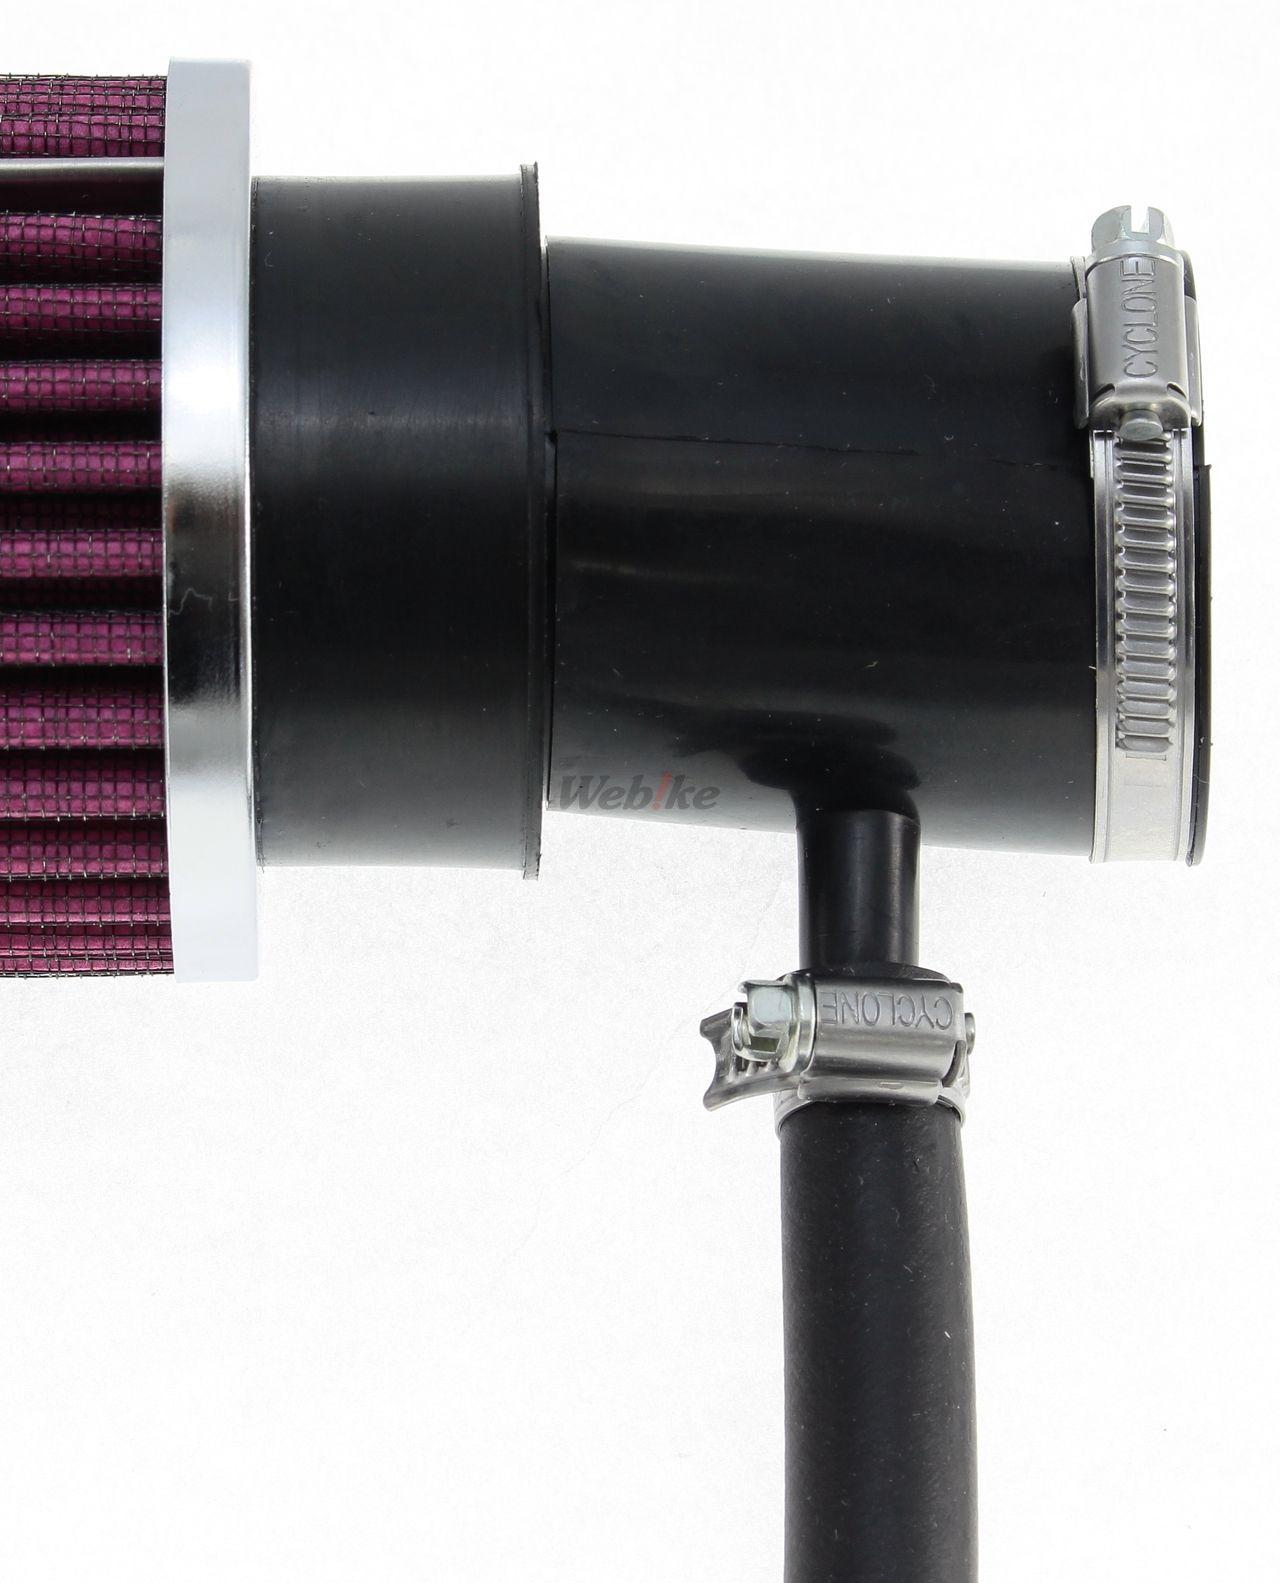 【KIJIMA】POWER空氣濾心(曲軸箱通氣循環對應) - 「Webike-摩托百貨」